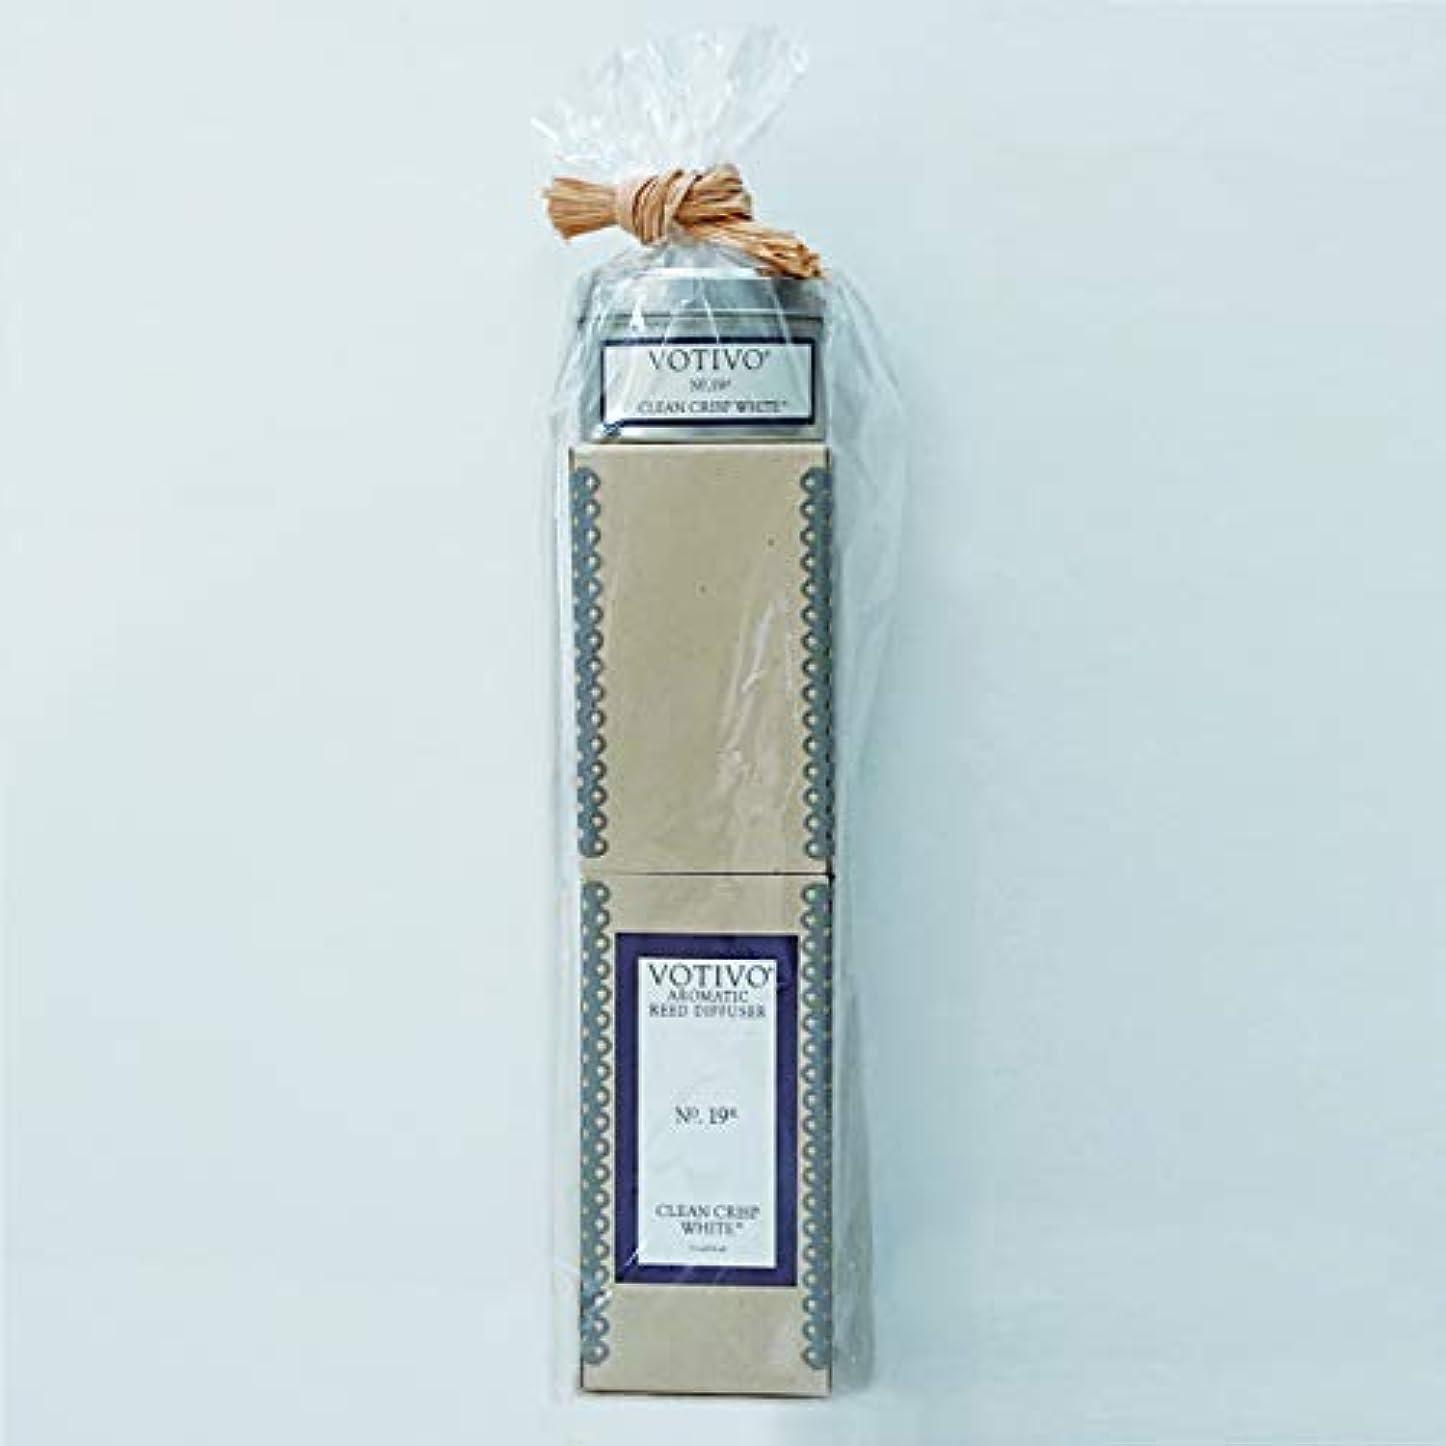 十代の若者たち有望完璧【Amazon.co.jp限定】 ボーティボ(VOTIVO) VOTIVO CLEAN CRISP WHITE SPECIAL リードディフューザー, トラベルティンキャンドルセット BLUE 216ml+115g